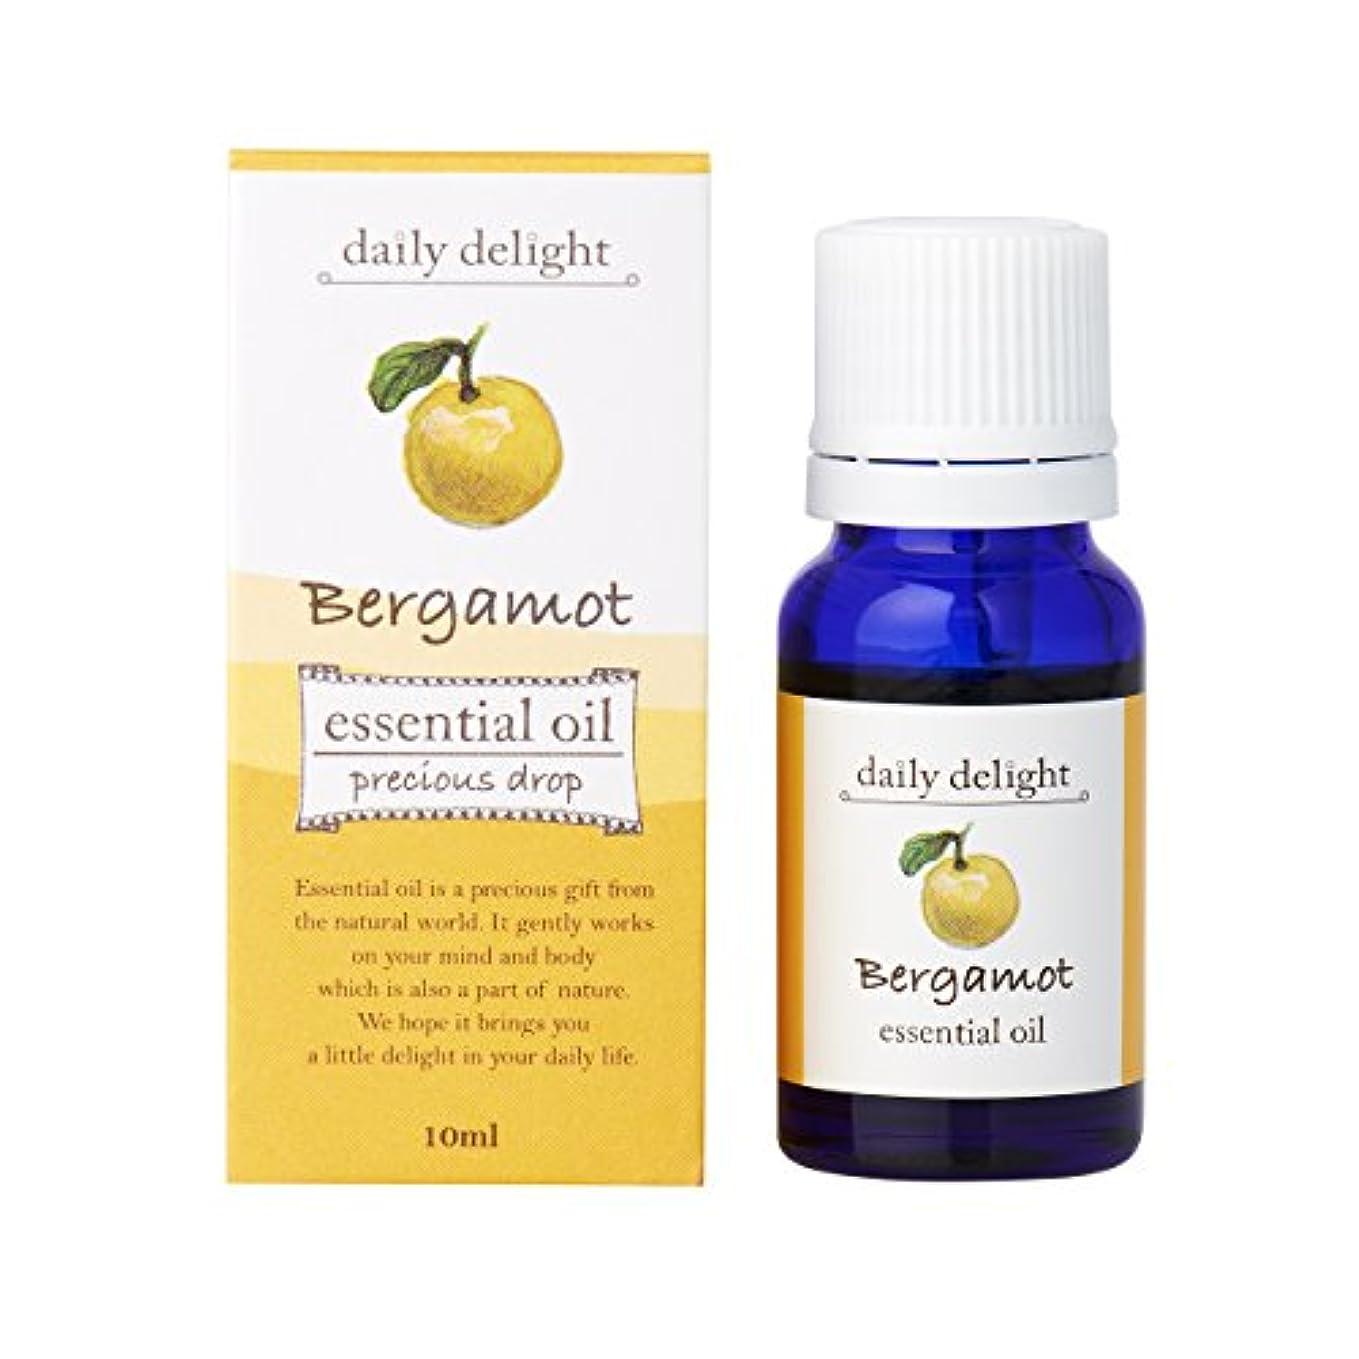 必需品静かなホステルデイリーディライト エッセンシャルオイル  ベルガモット 10ml(天然100% 精油 アロマ 柑橘系 甘さが少なめでみずみずしく美しい香り)